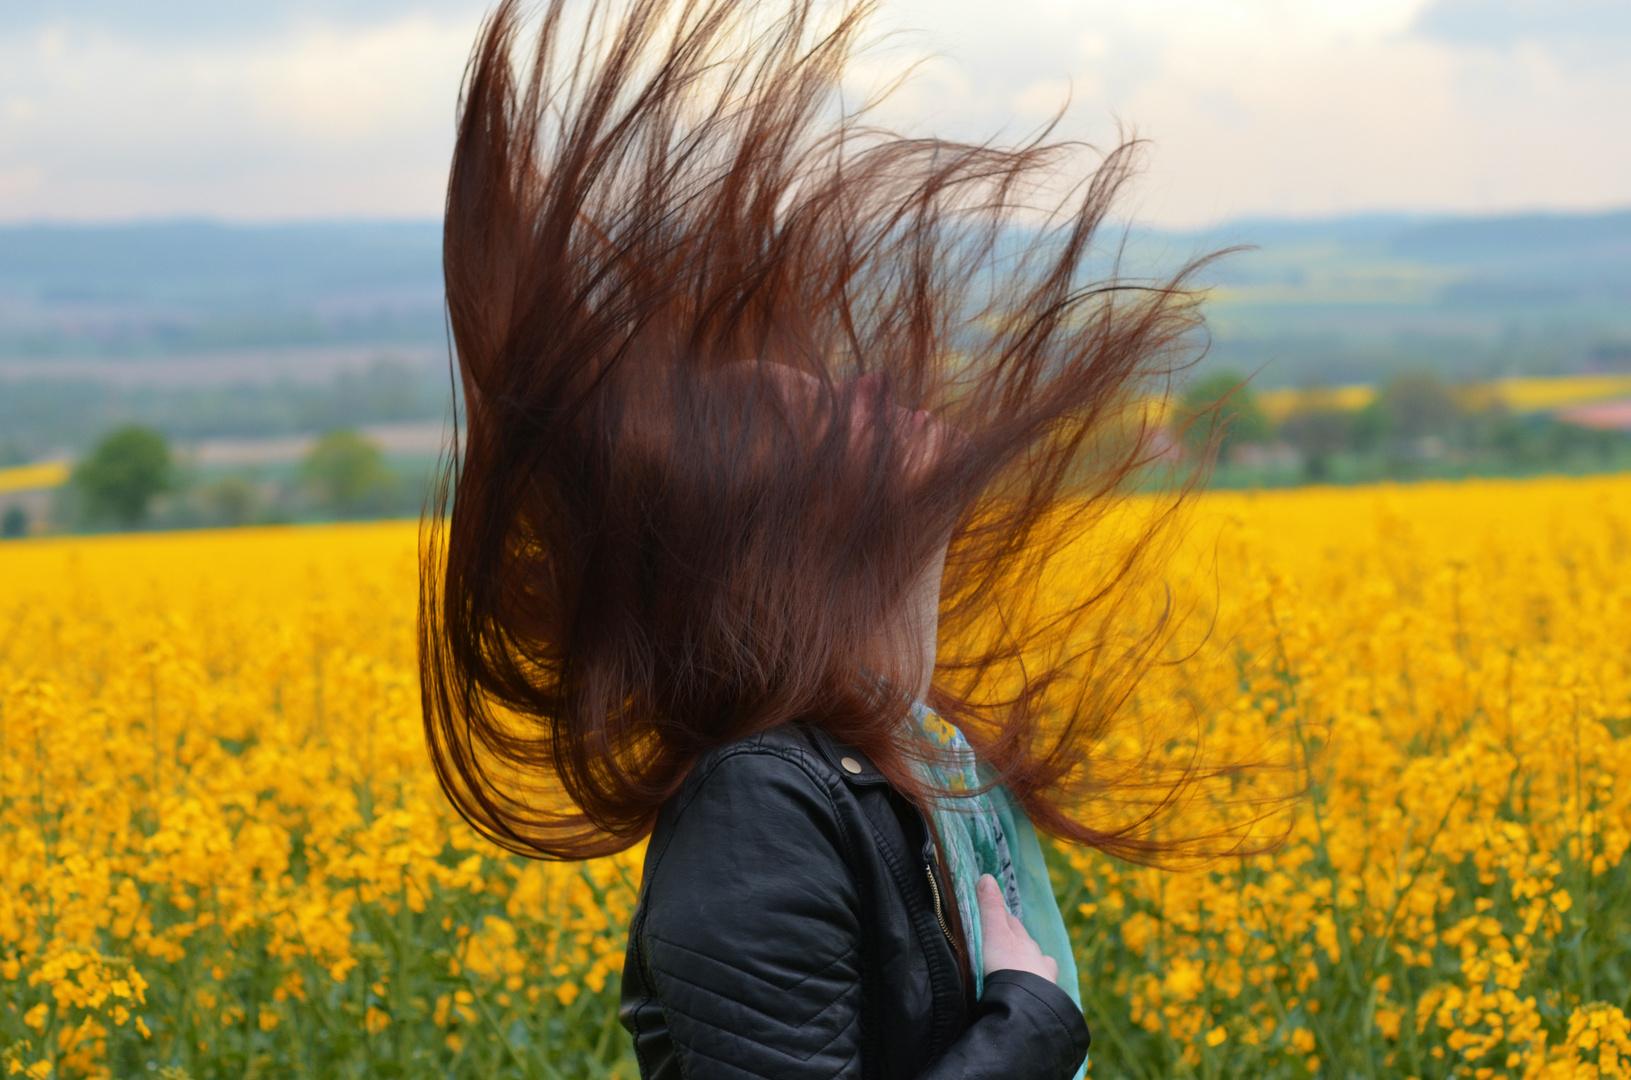 Fliegende Haare im Rapsfeld:D